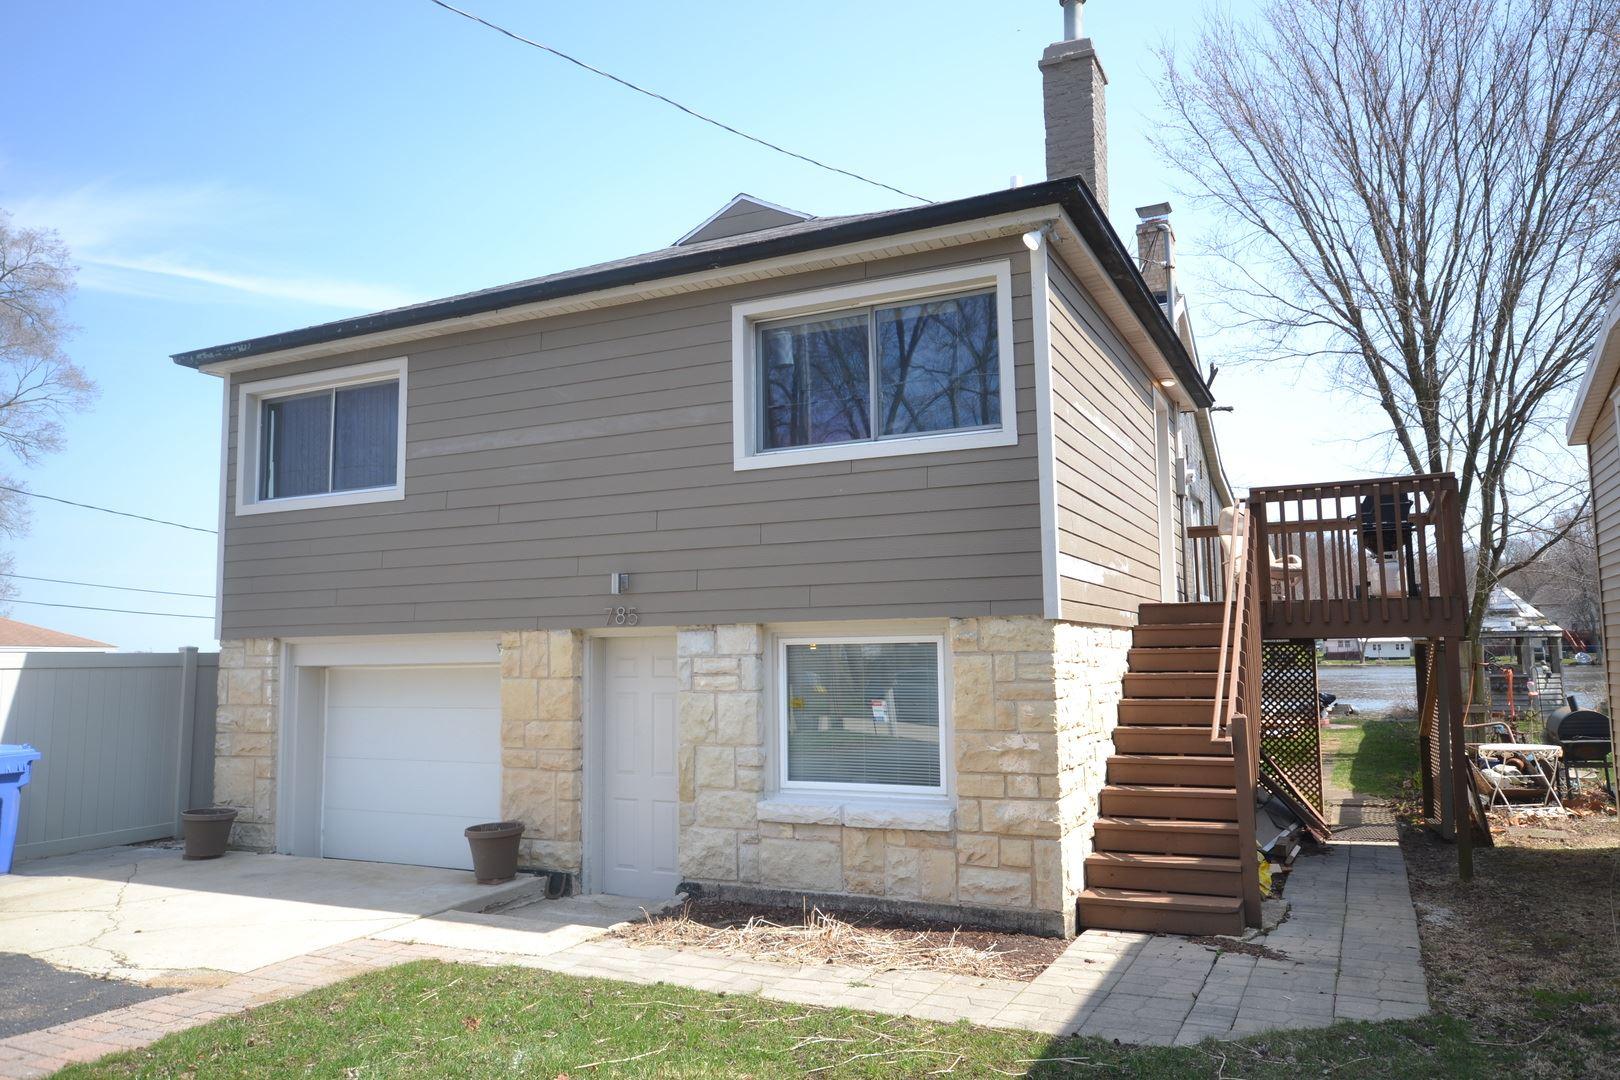 785 N Water Street, South Elgin, IL 60177 - #: 10673541